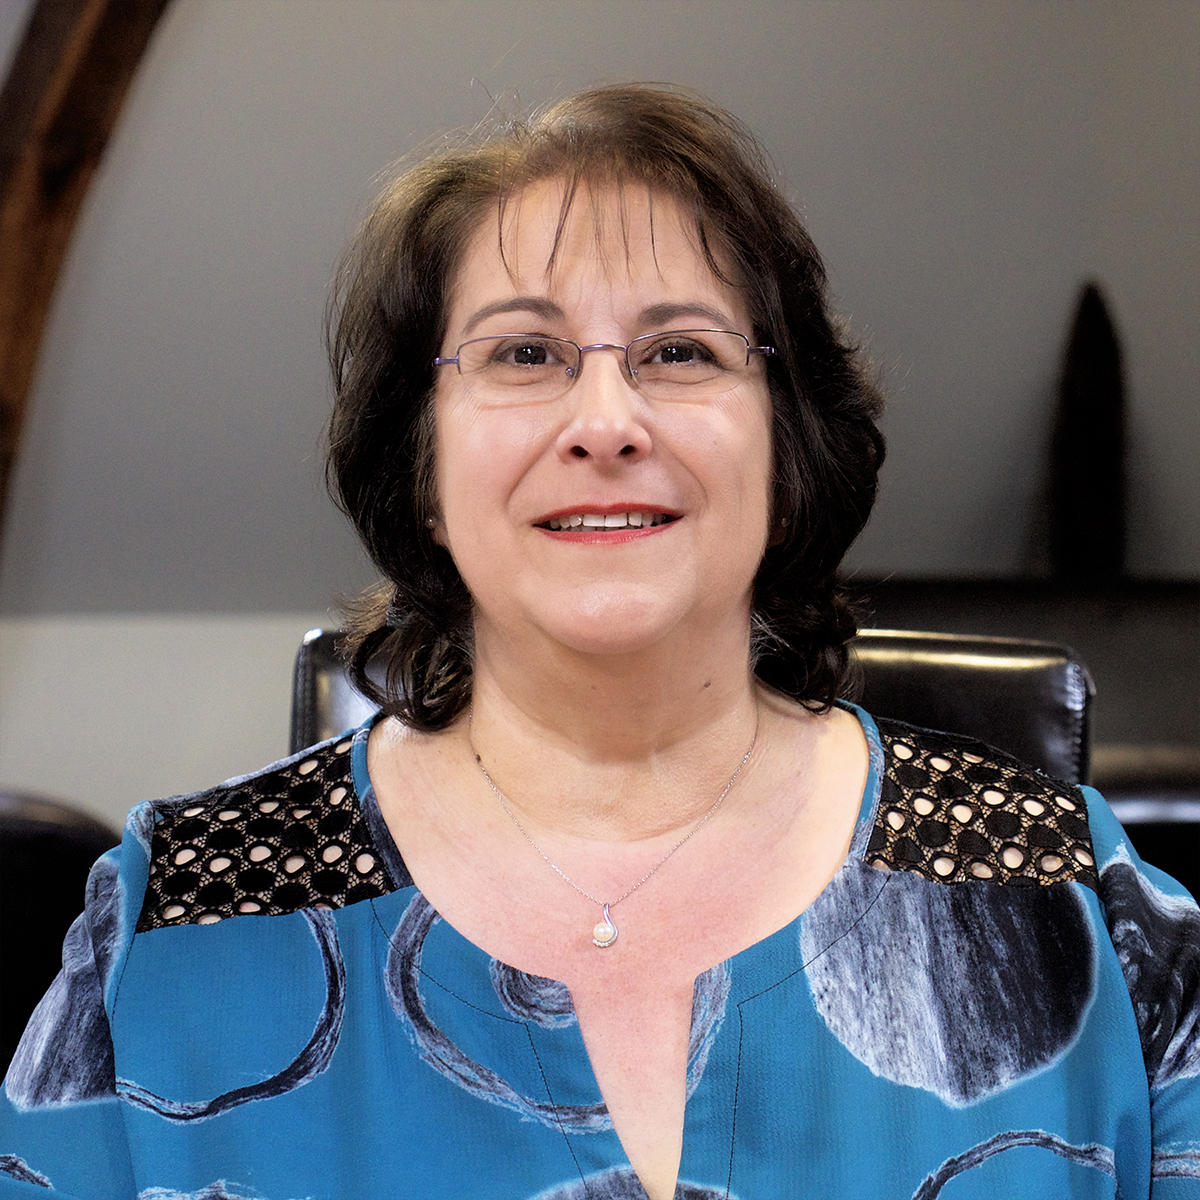 Coach de développement professionnel et personnel certifiée - RNCP niveau I Formatrice professionnelle d'adultes diplômée